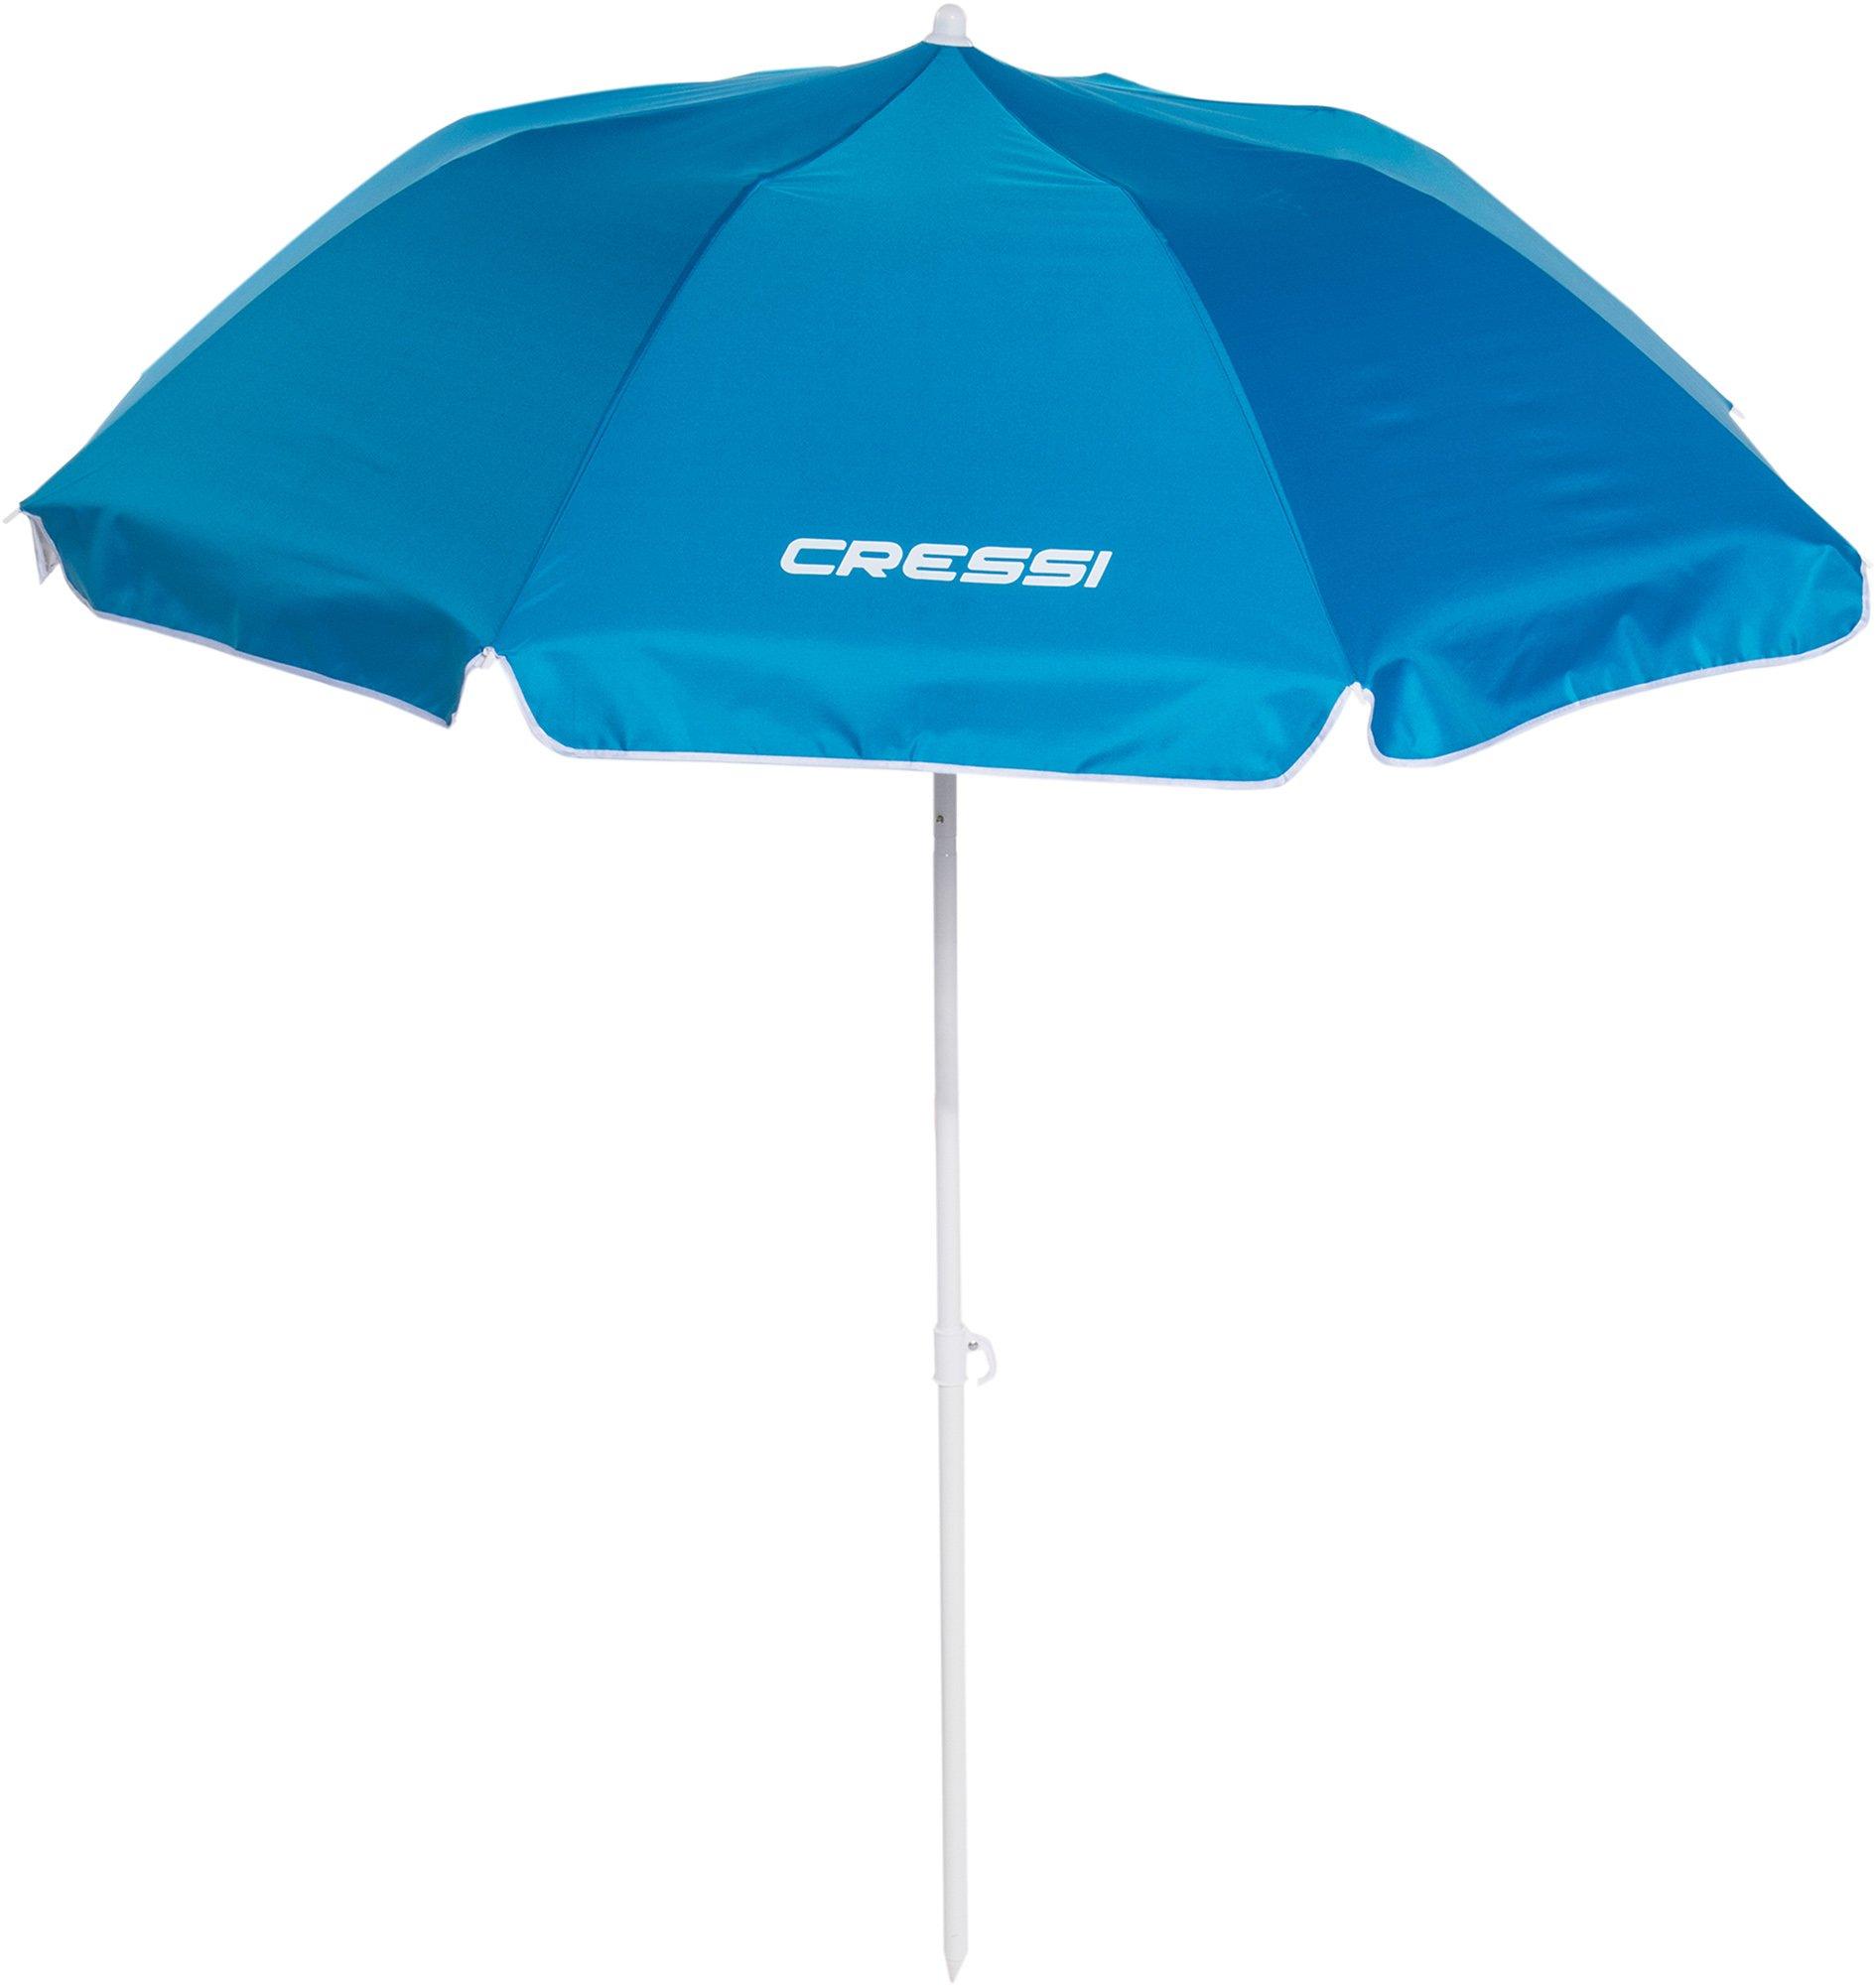 Cressi Premium Beach Umbrella Portable with Folding 1